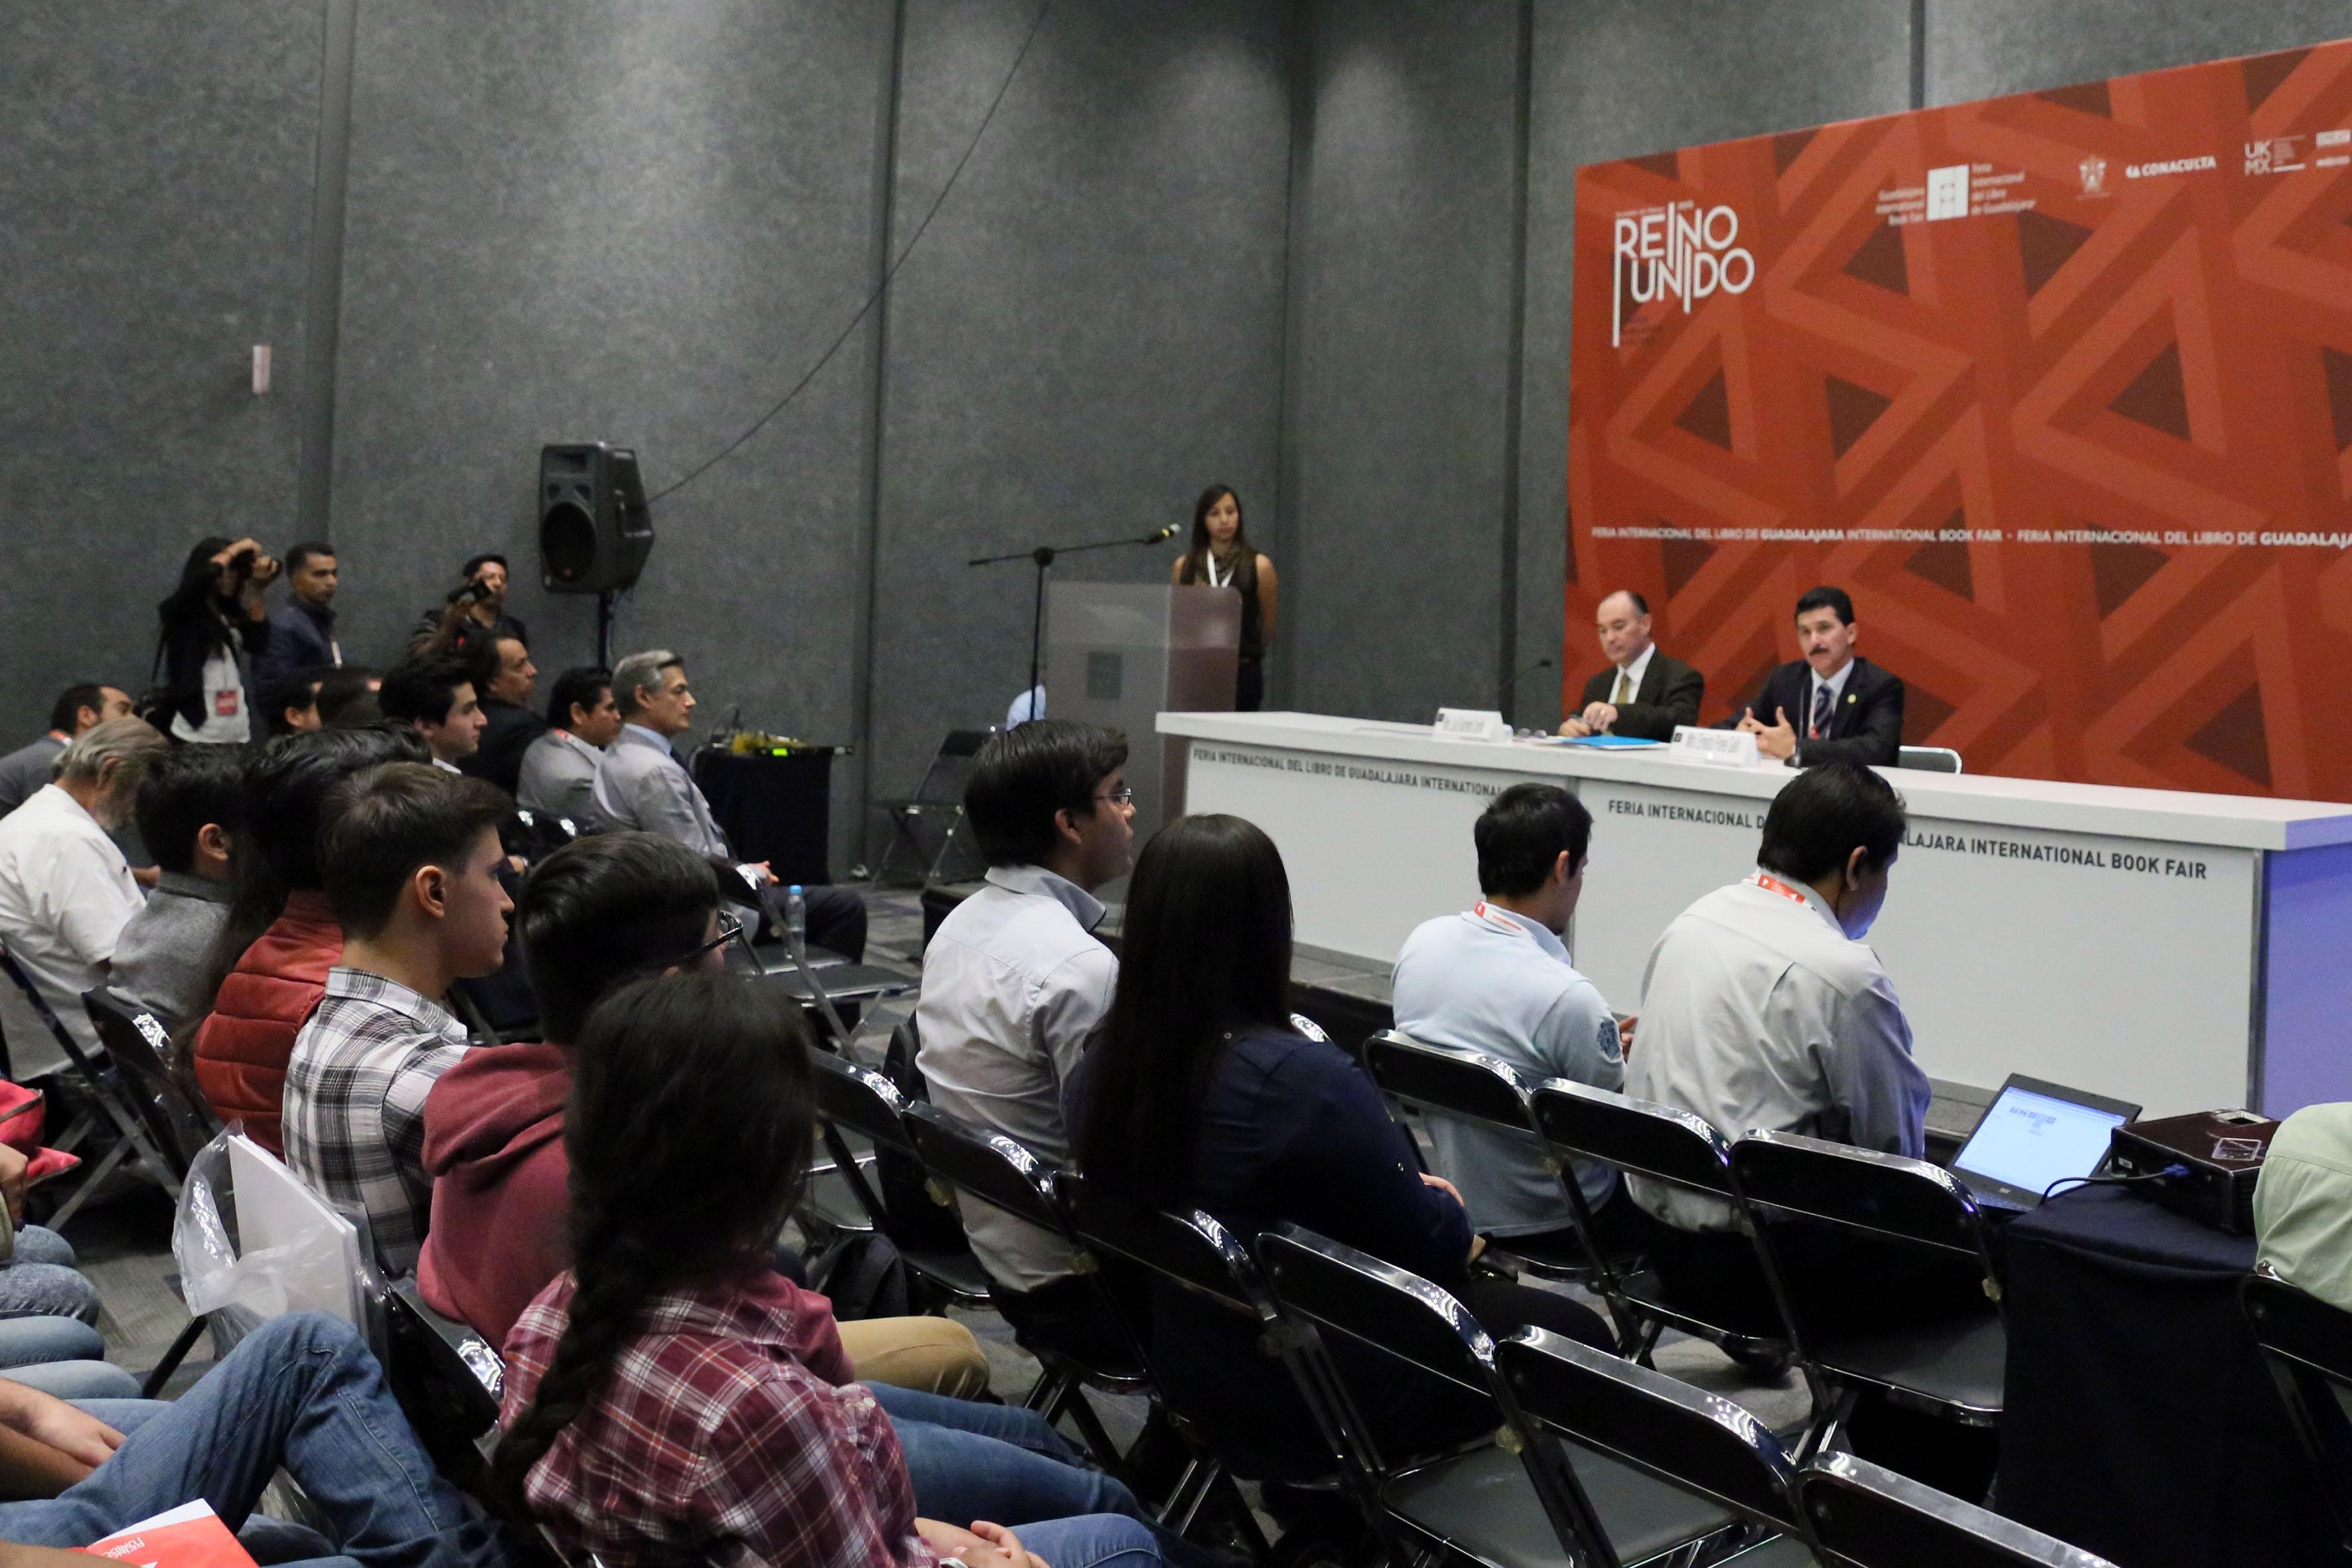 Panoramica de los panelistas participantes en la premiación de jóvenes arquitectos en ArpaFIL 2015.